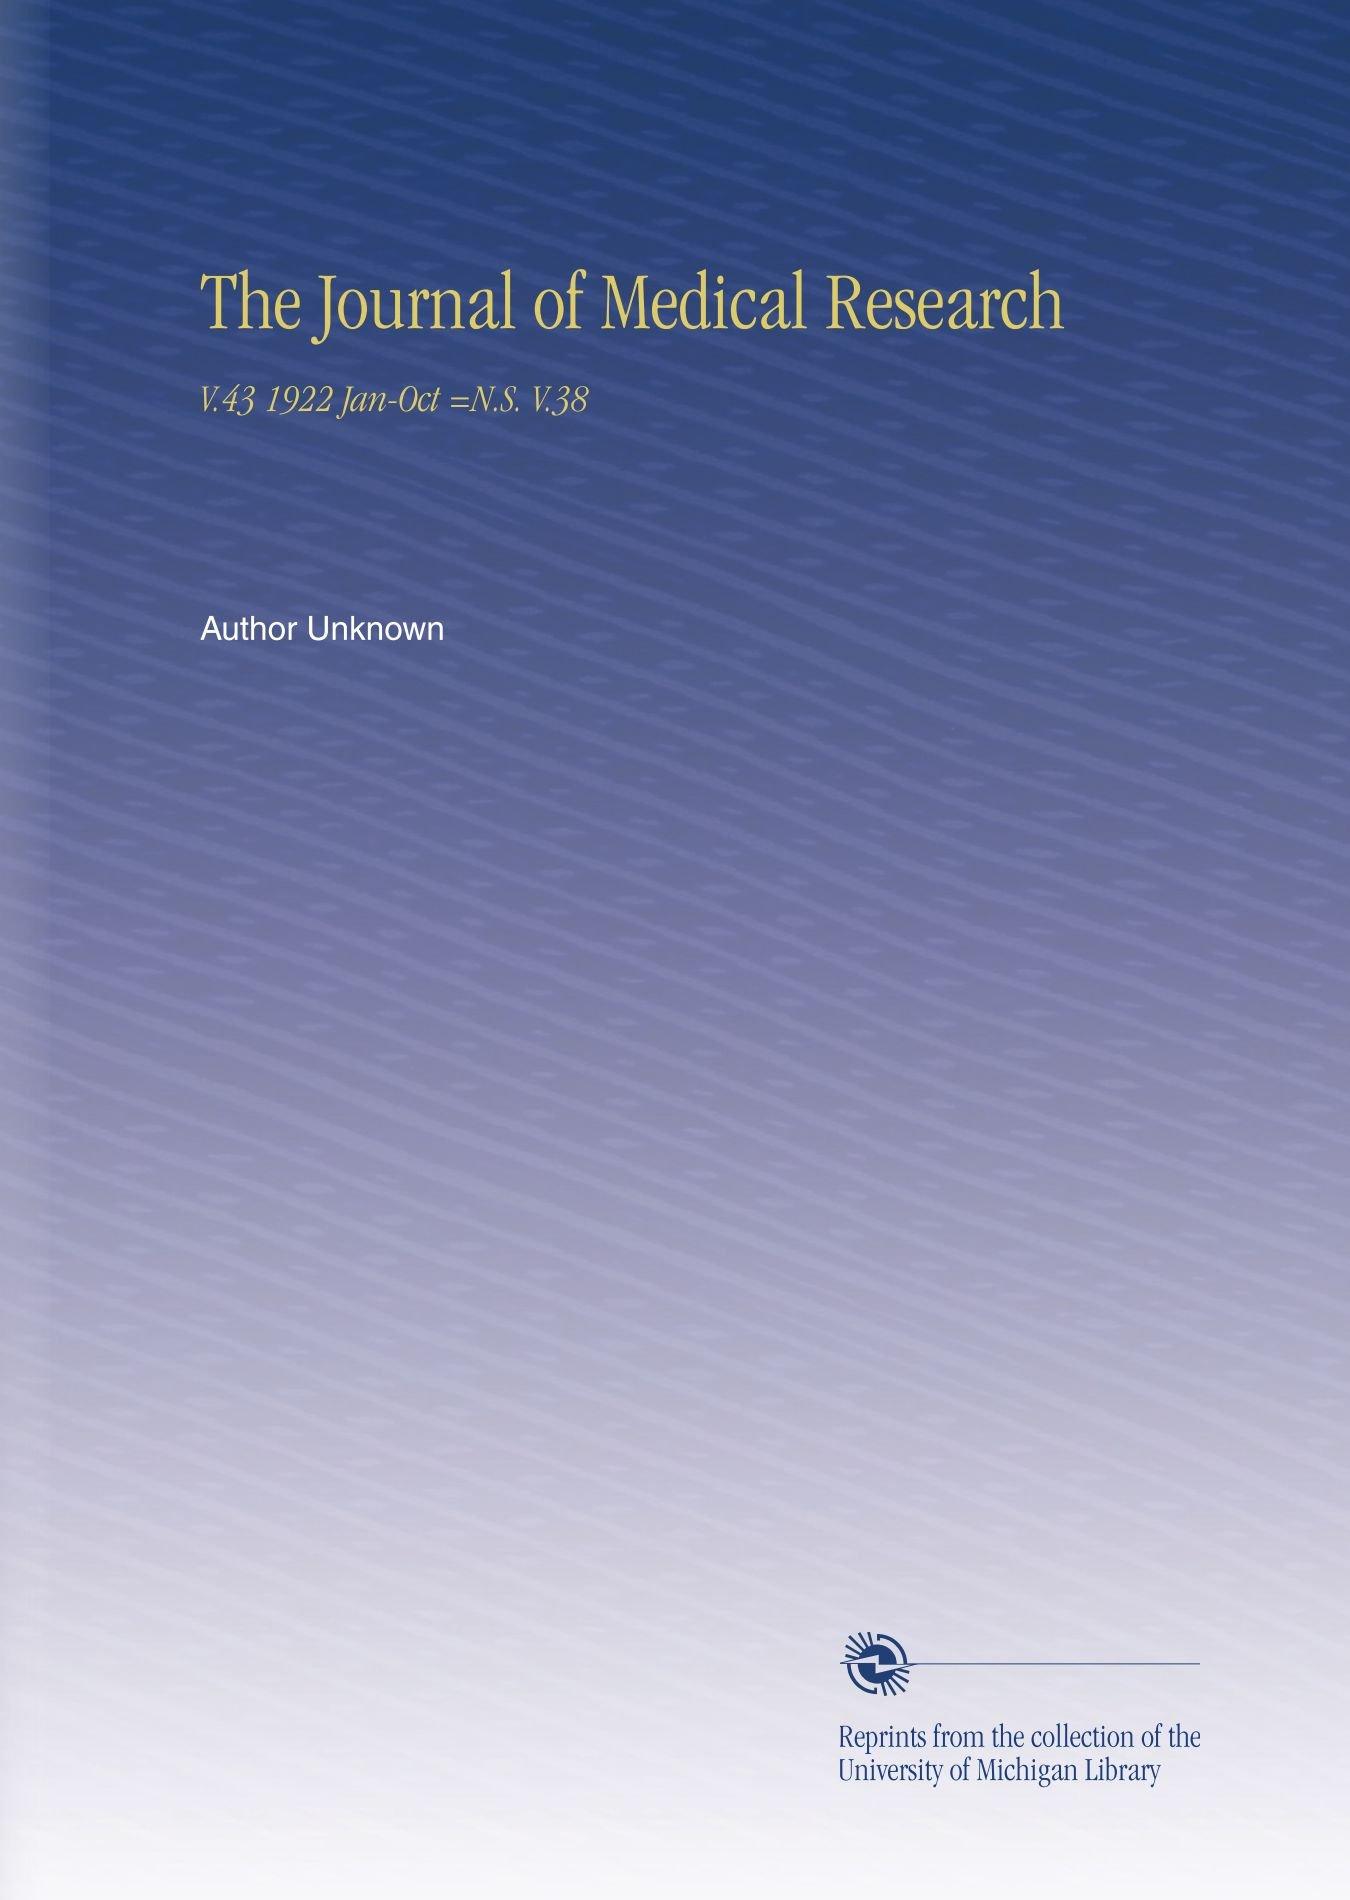 Download The Journal of Medical Research: V.43 1922 Jan-Oct =N.S. V.38 PDF